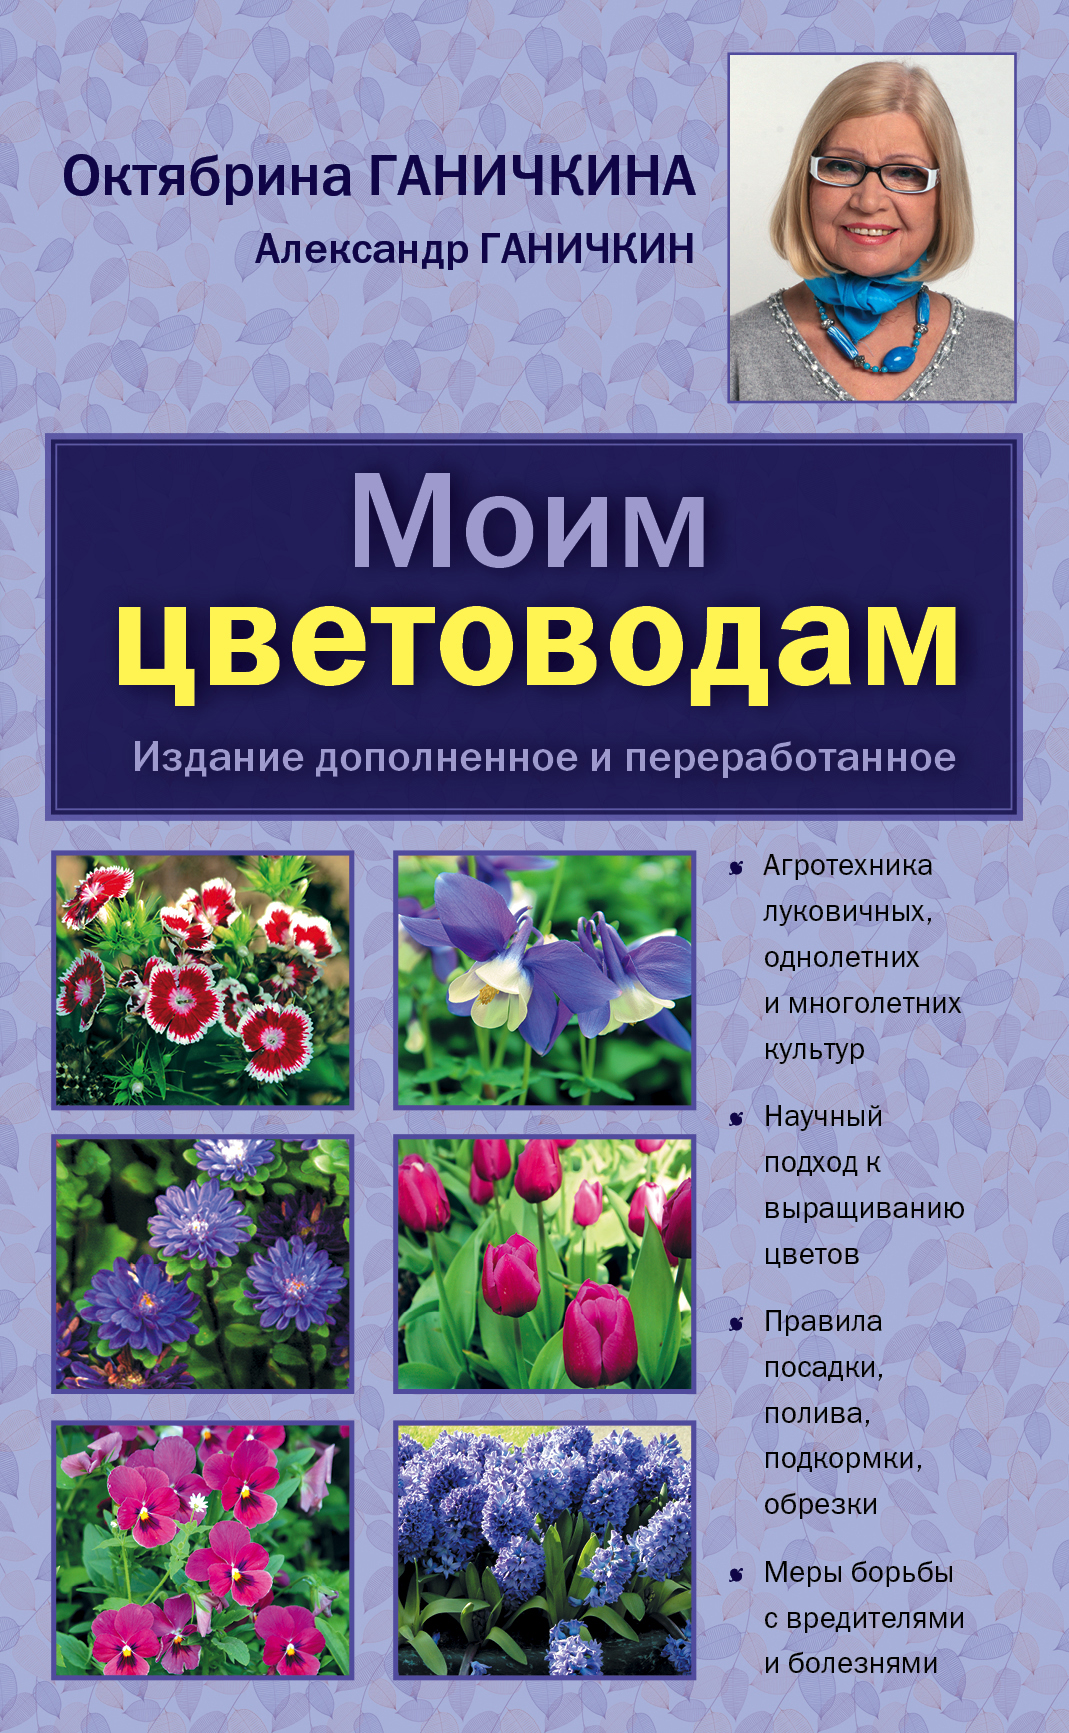 Ганичкина О.А. Моим цветоводам. 8-е изд. доп. и перераб. [нов.оф.]